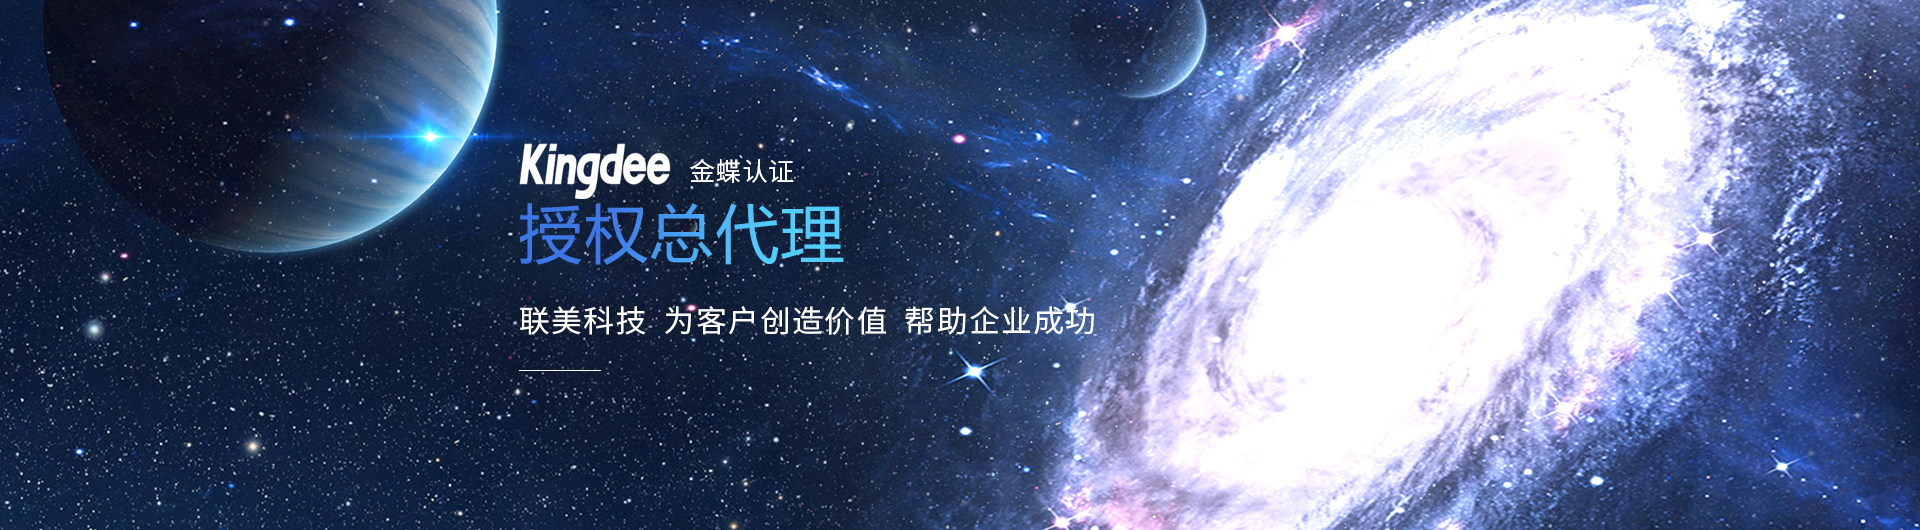 重慶金蝶軟件公司